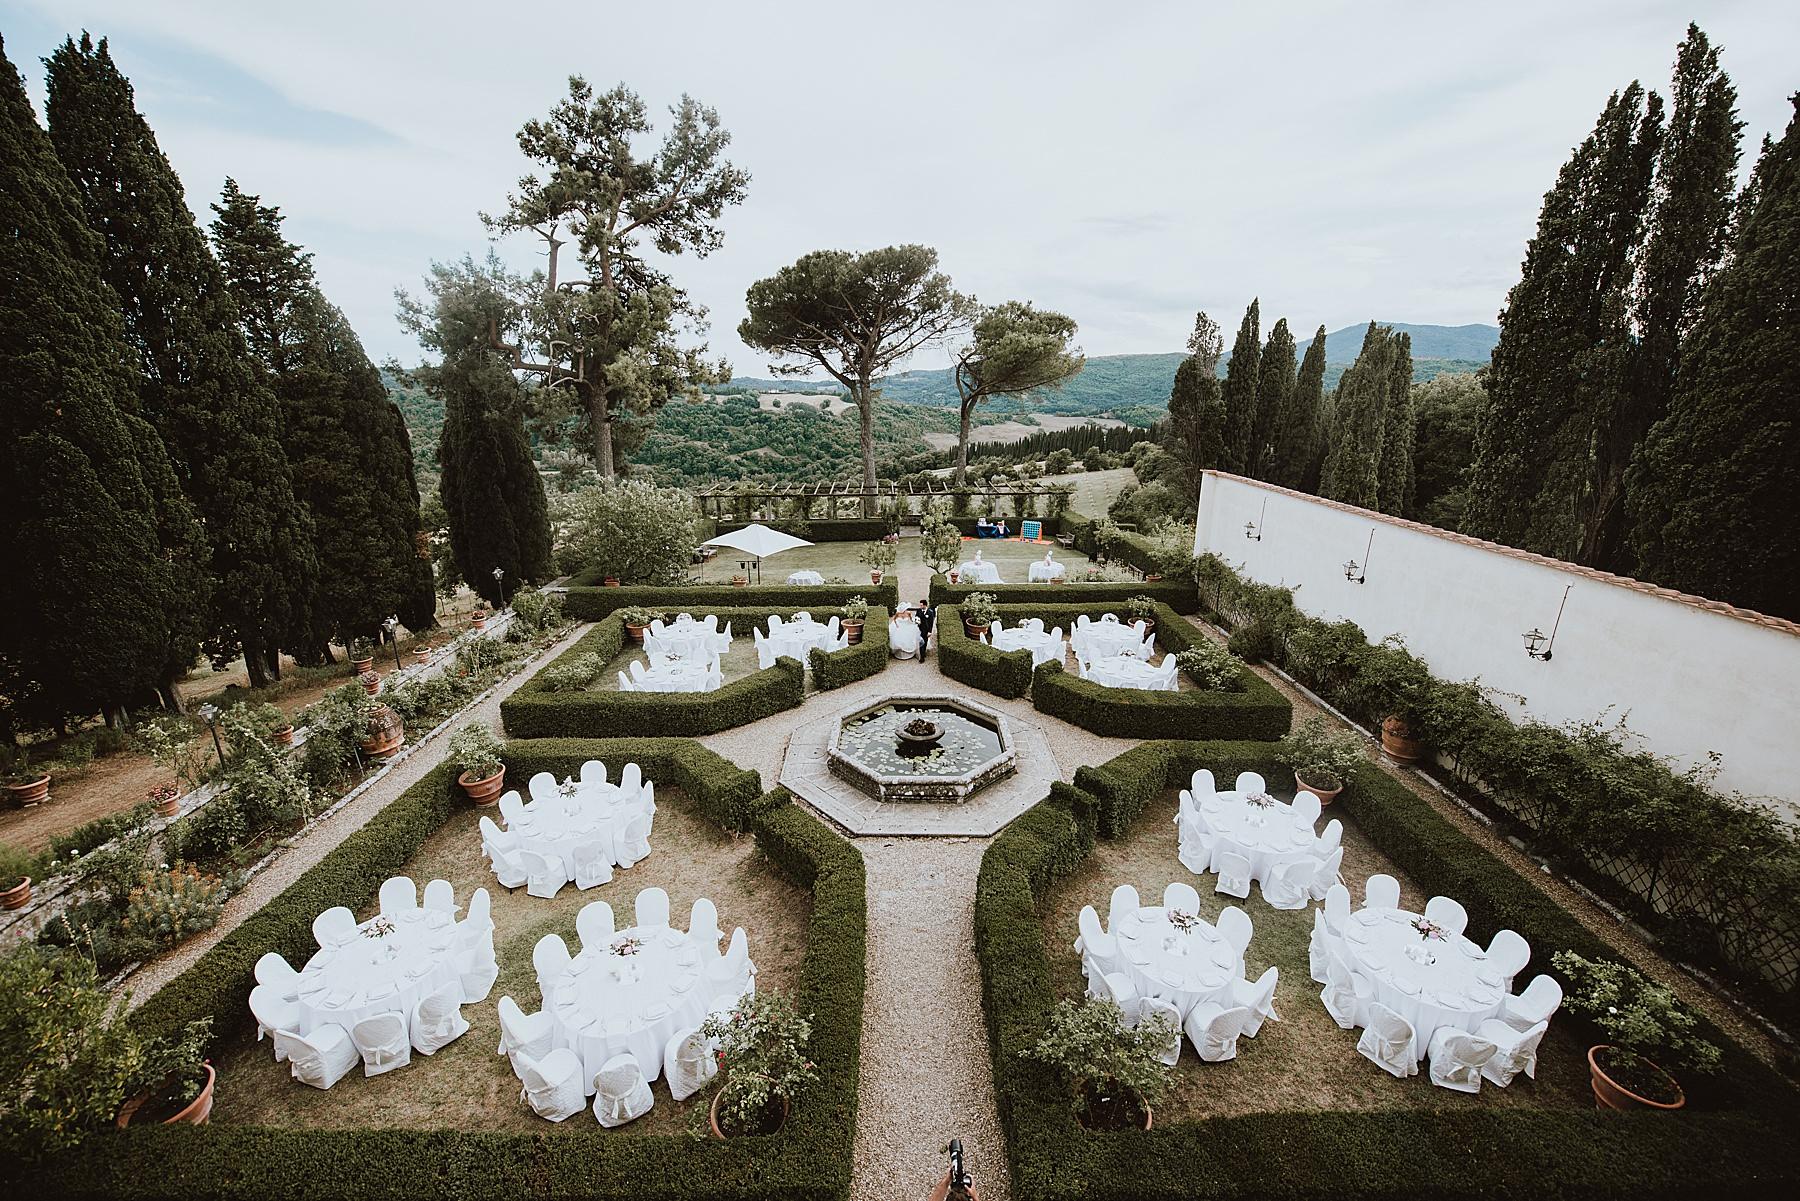 I tavoli dipsoti tra le siepi del giardino all'Italiana di Villa di Bivigliano